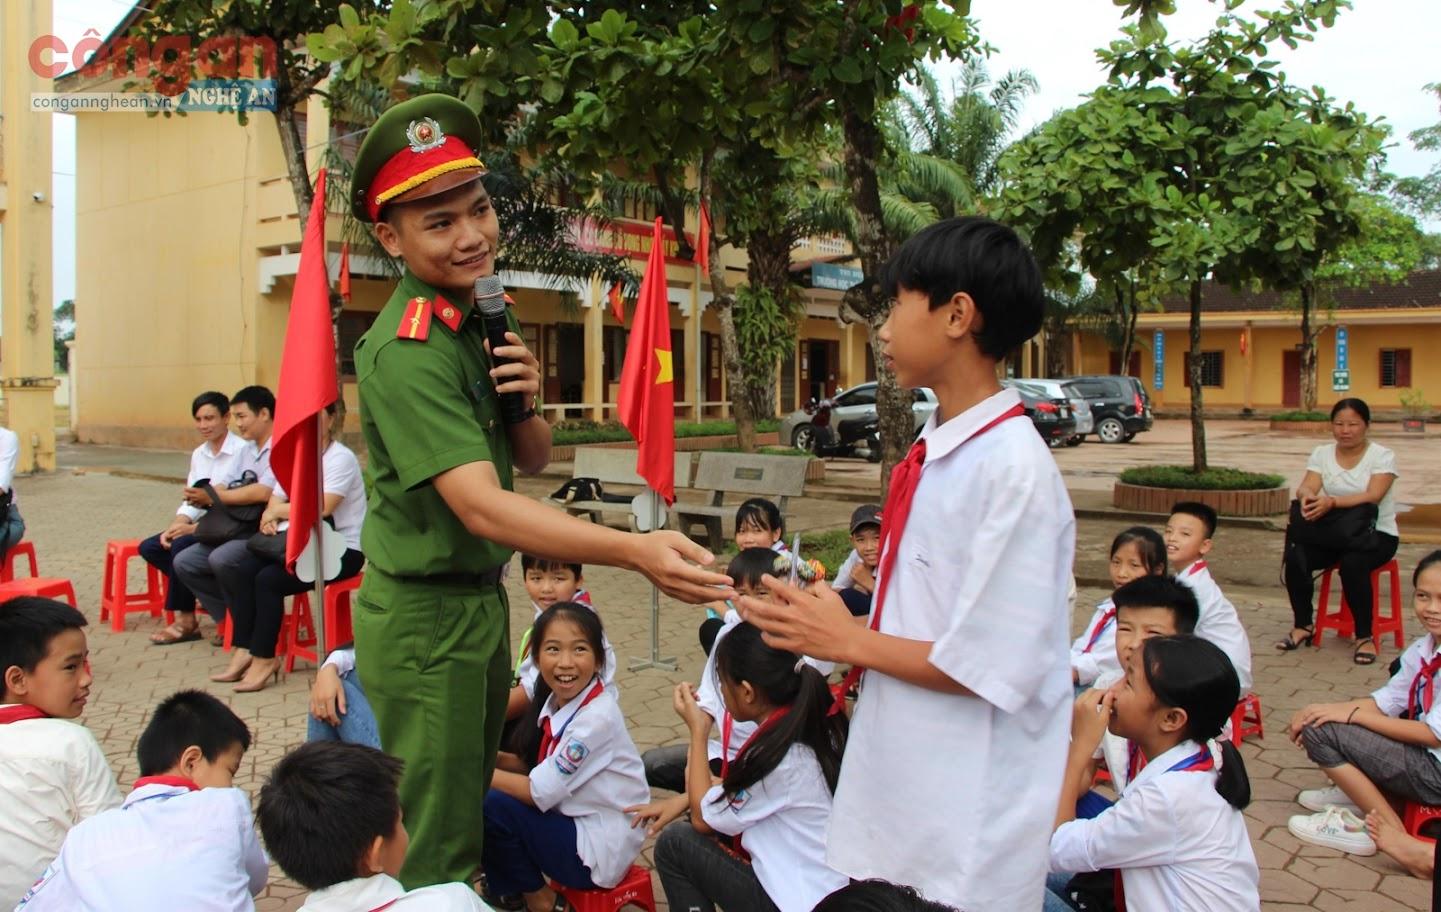 Cán bộ Công an huyện Nam Đàn tuyên truyền cho học sinh về công tác  phòng, chống ma túy và các tệ nạn xã hội